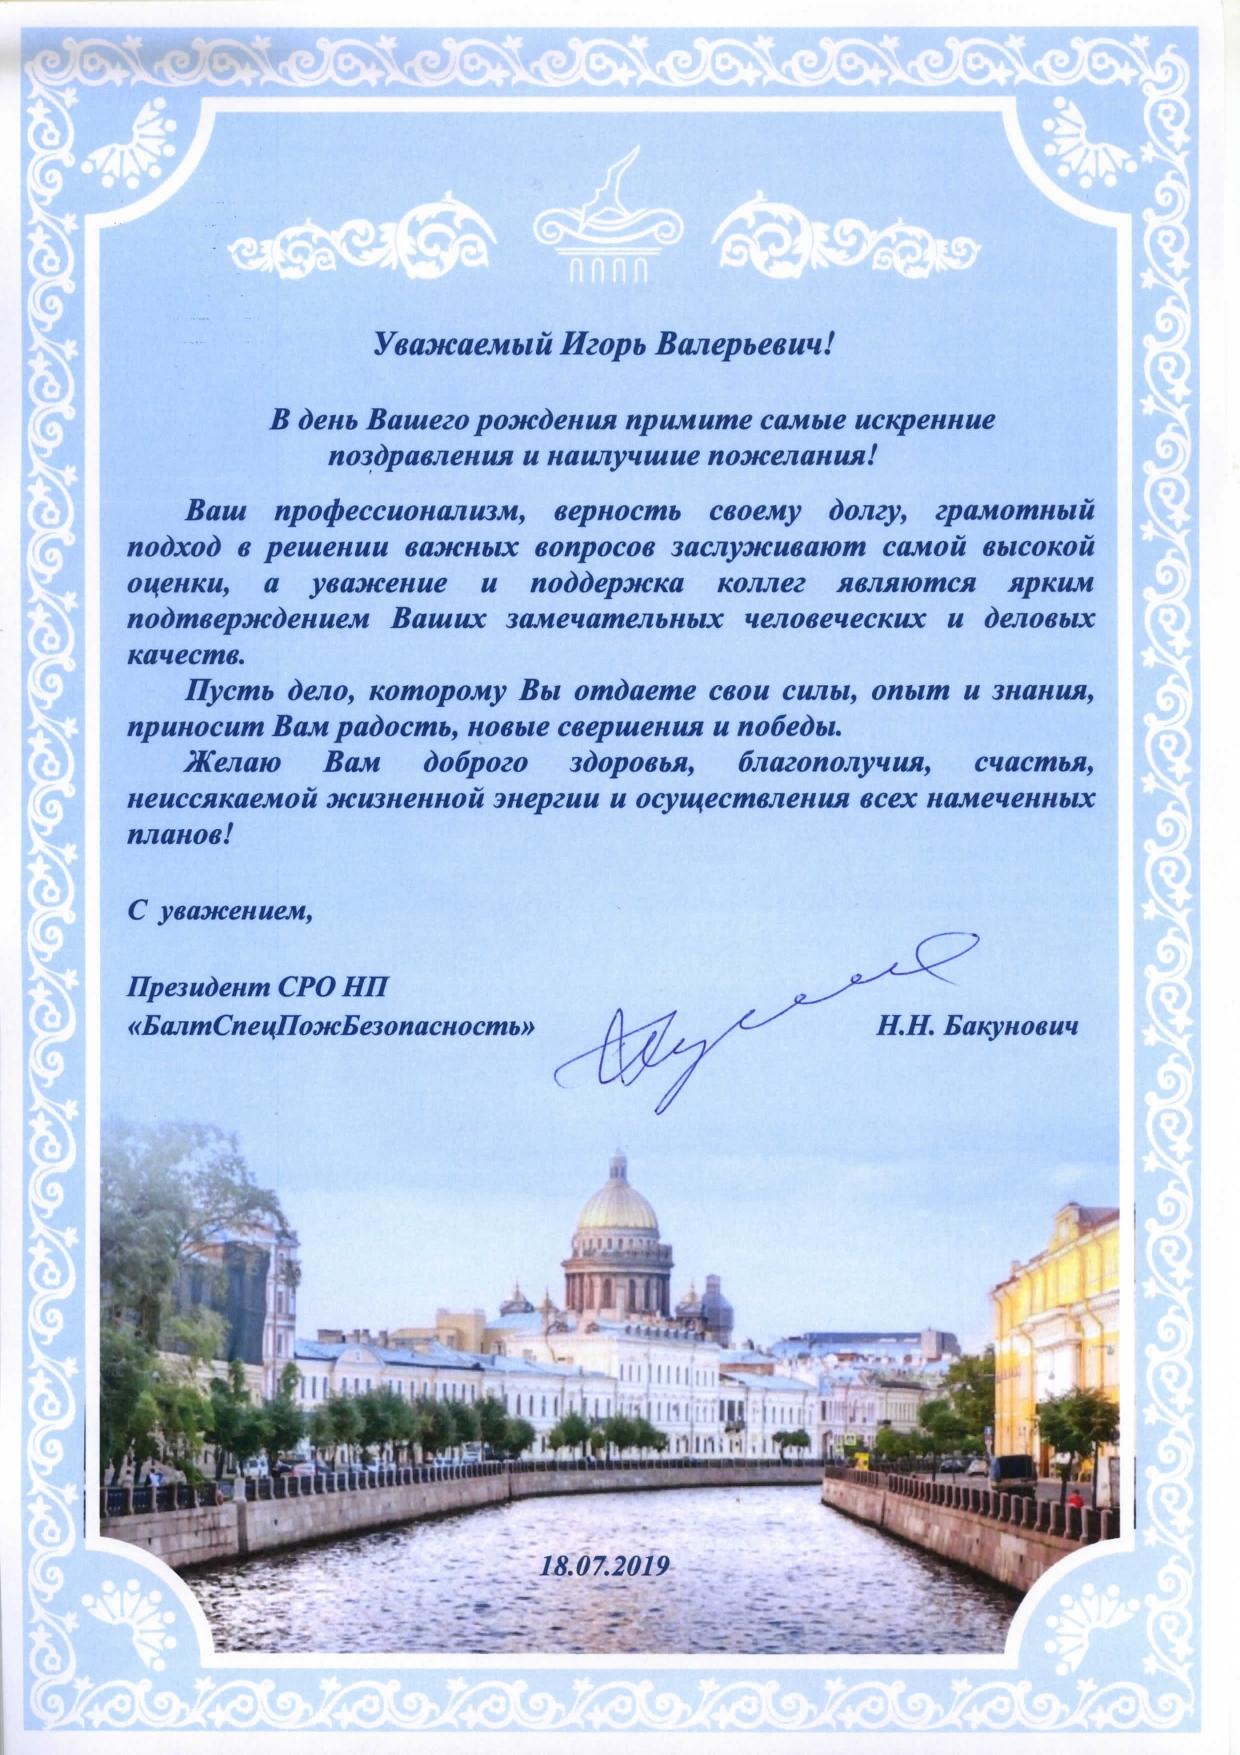 Поздравление с днем рождения заместителя председателя банка россии